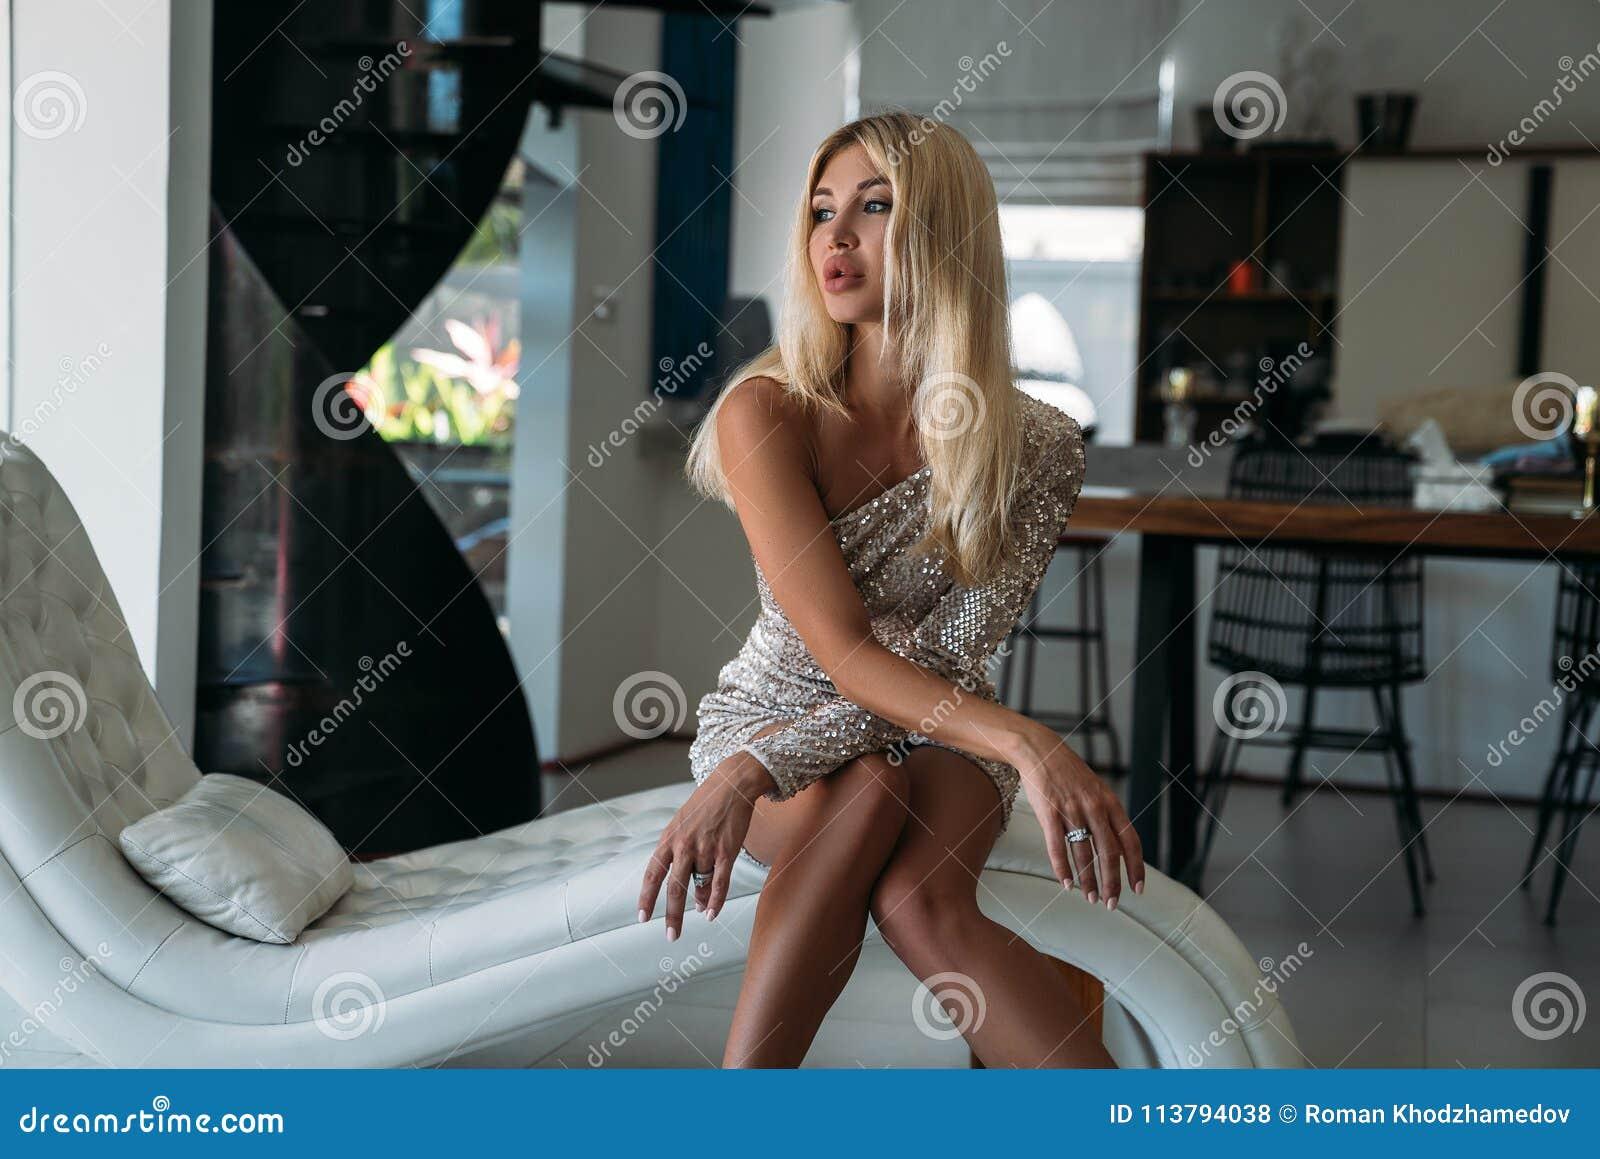 Portrait d une fille blonde mignonne avec de grandes belles lèvres se reposant sur le sofa La fille dans une robe brillante de di